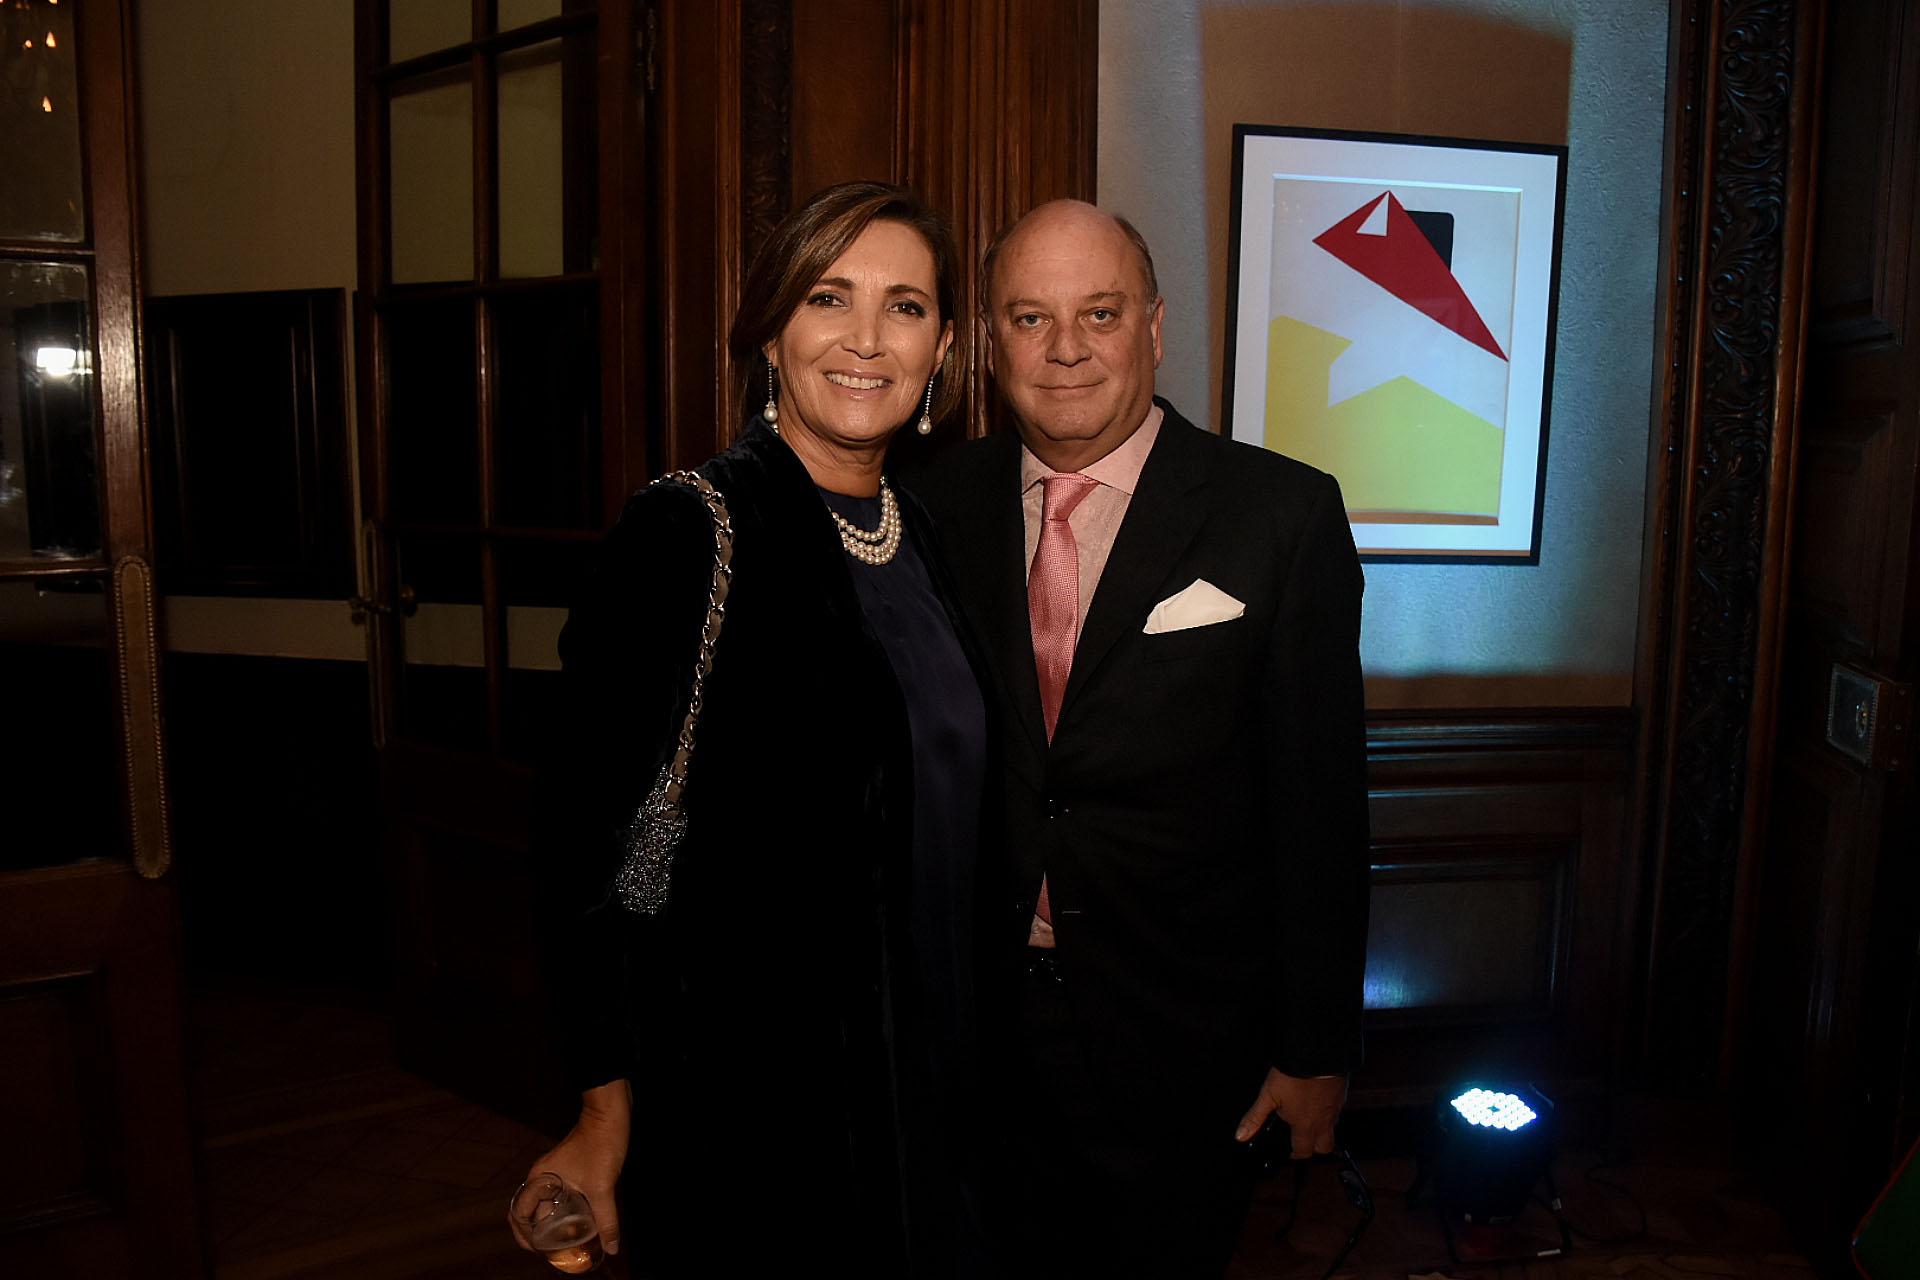 El empresario Martín Cabrales y su pareja Dora Sánchez